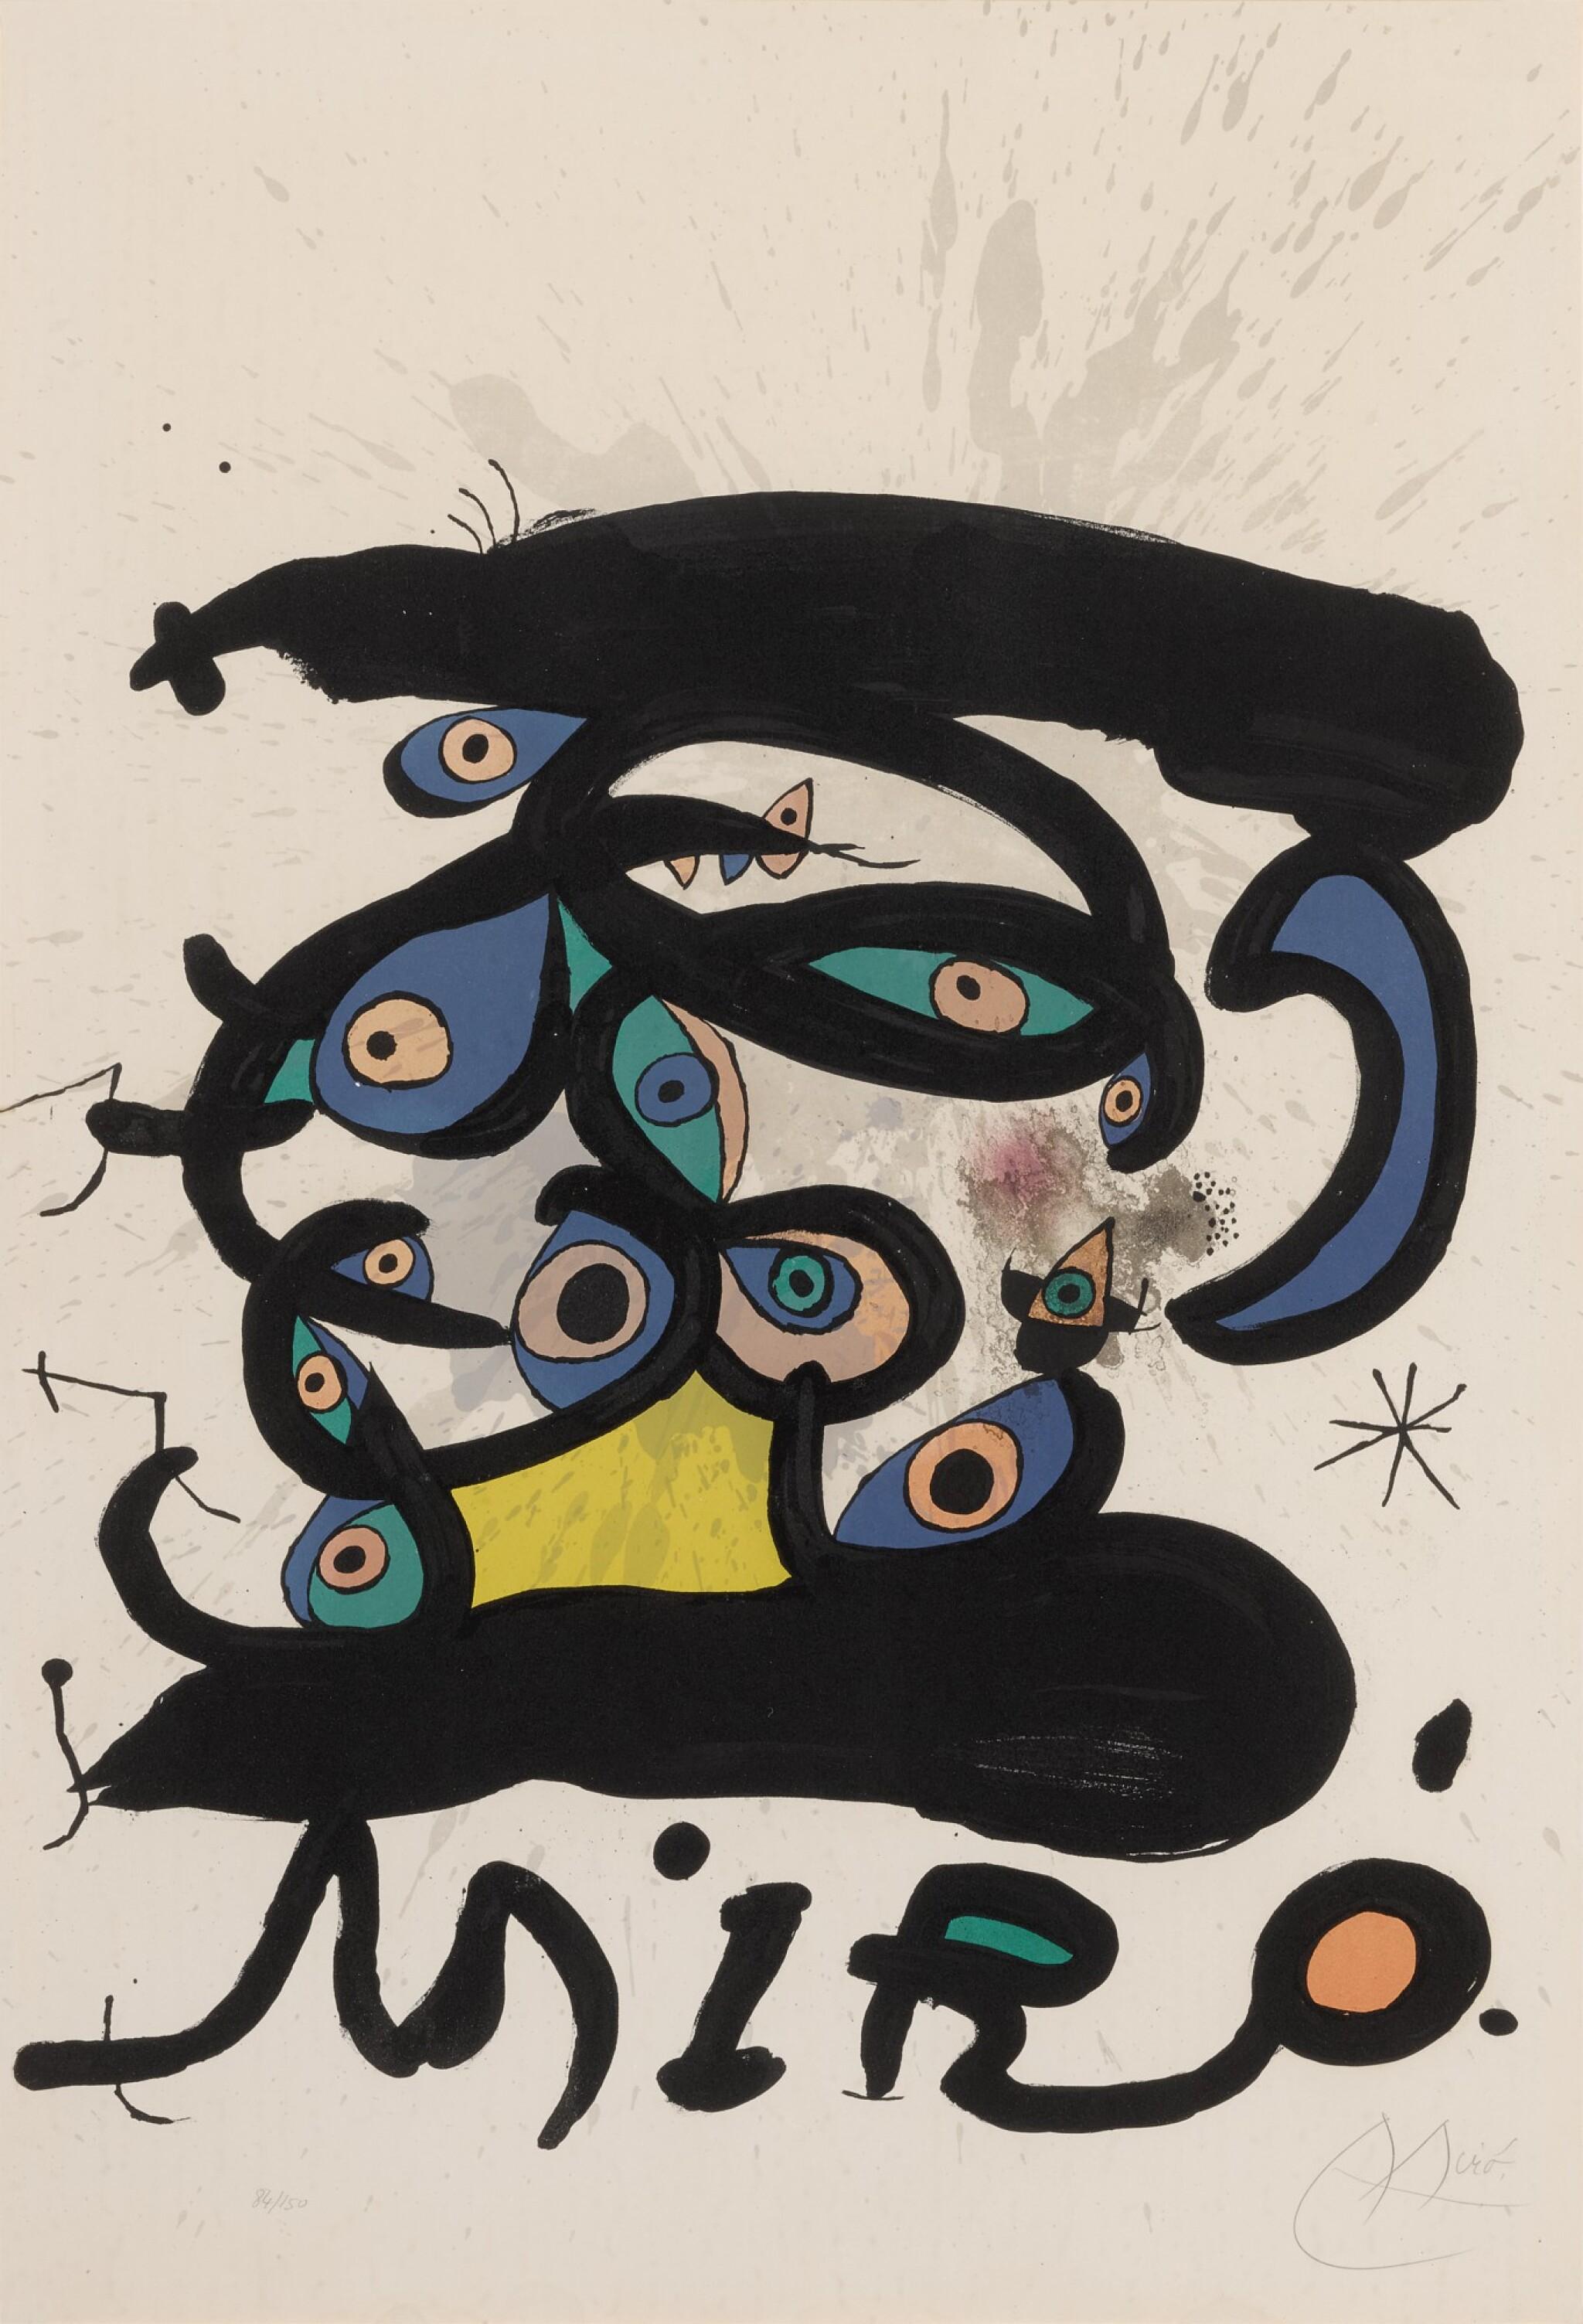 View full screen - View 1 of Lot 118. Affiche pour l'Exposition Peintres sur Papier, Dessins (M. 737).